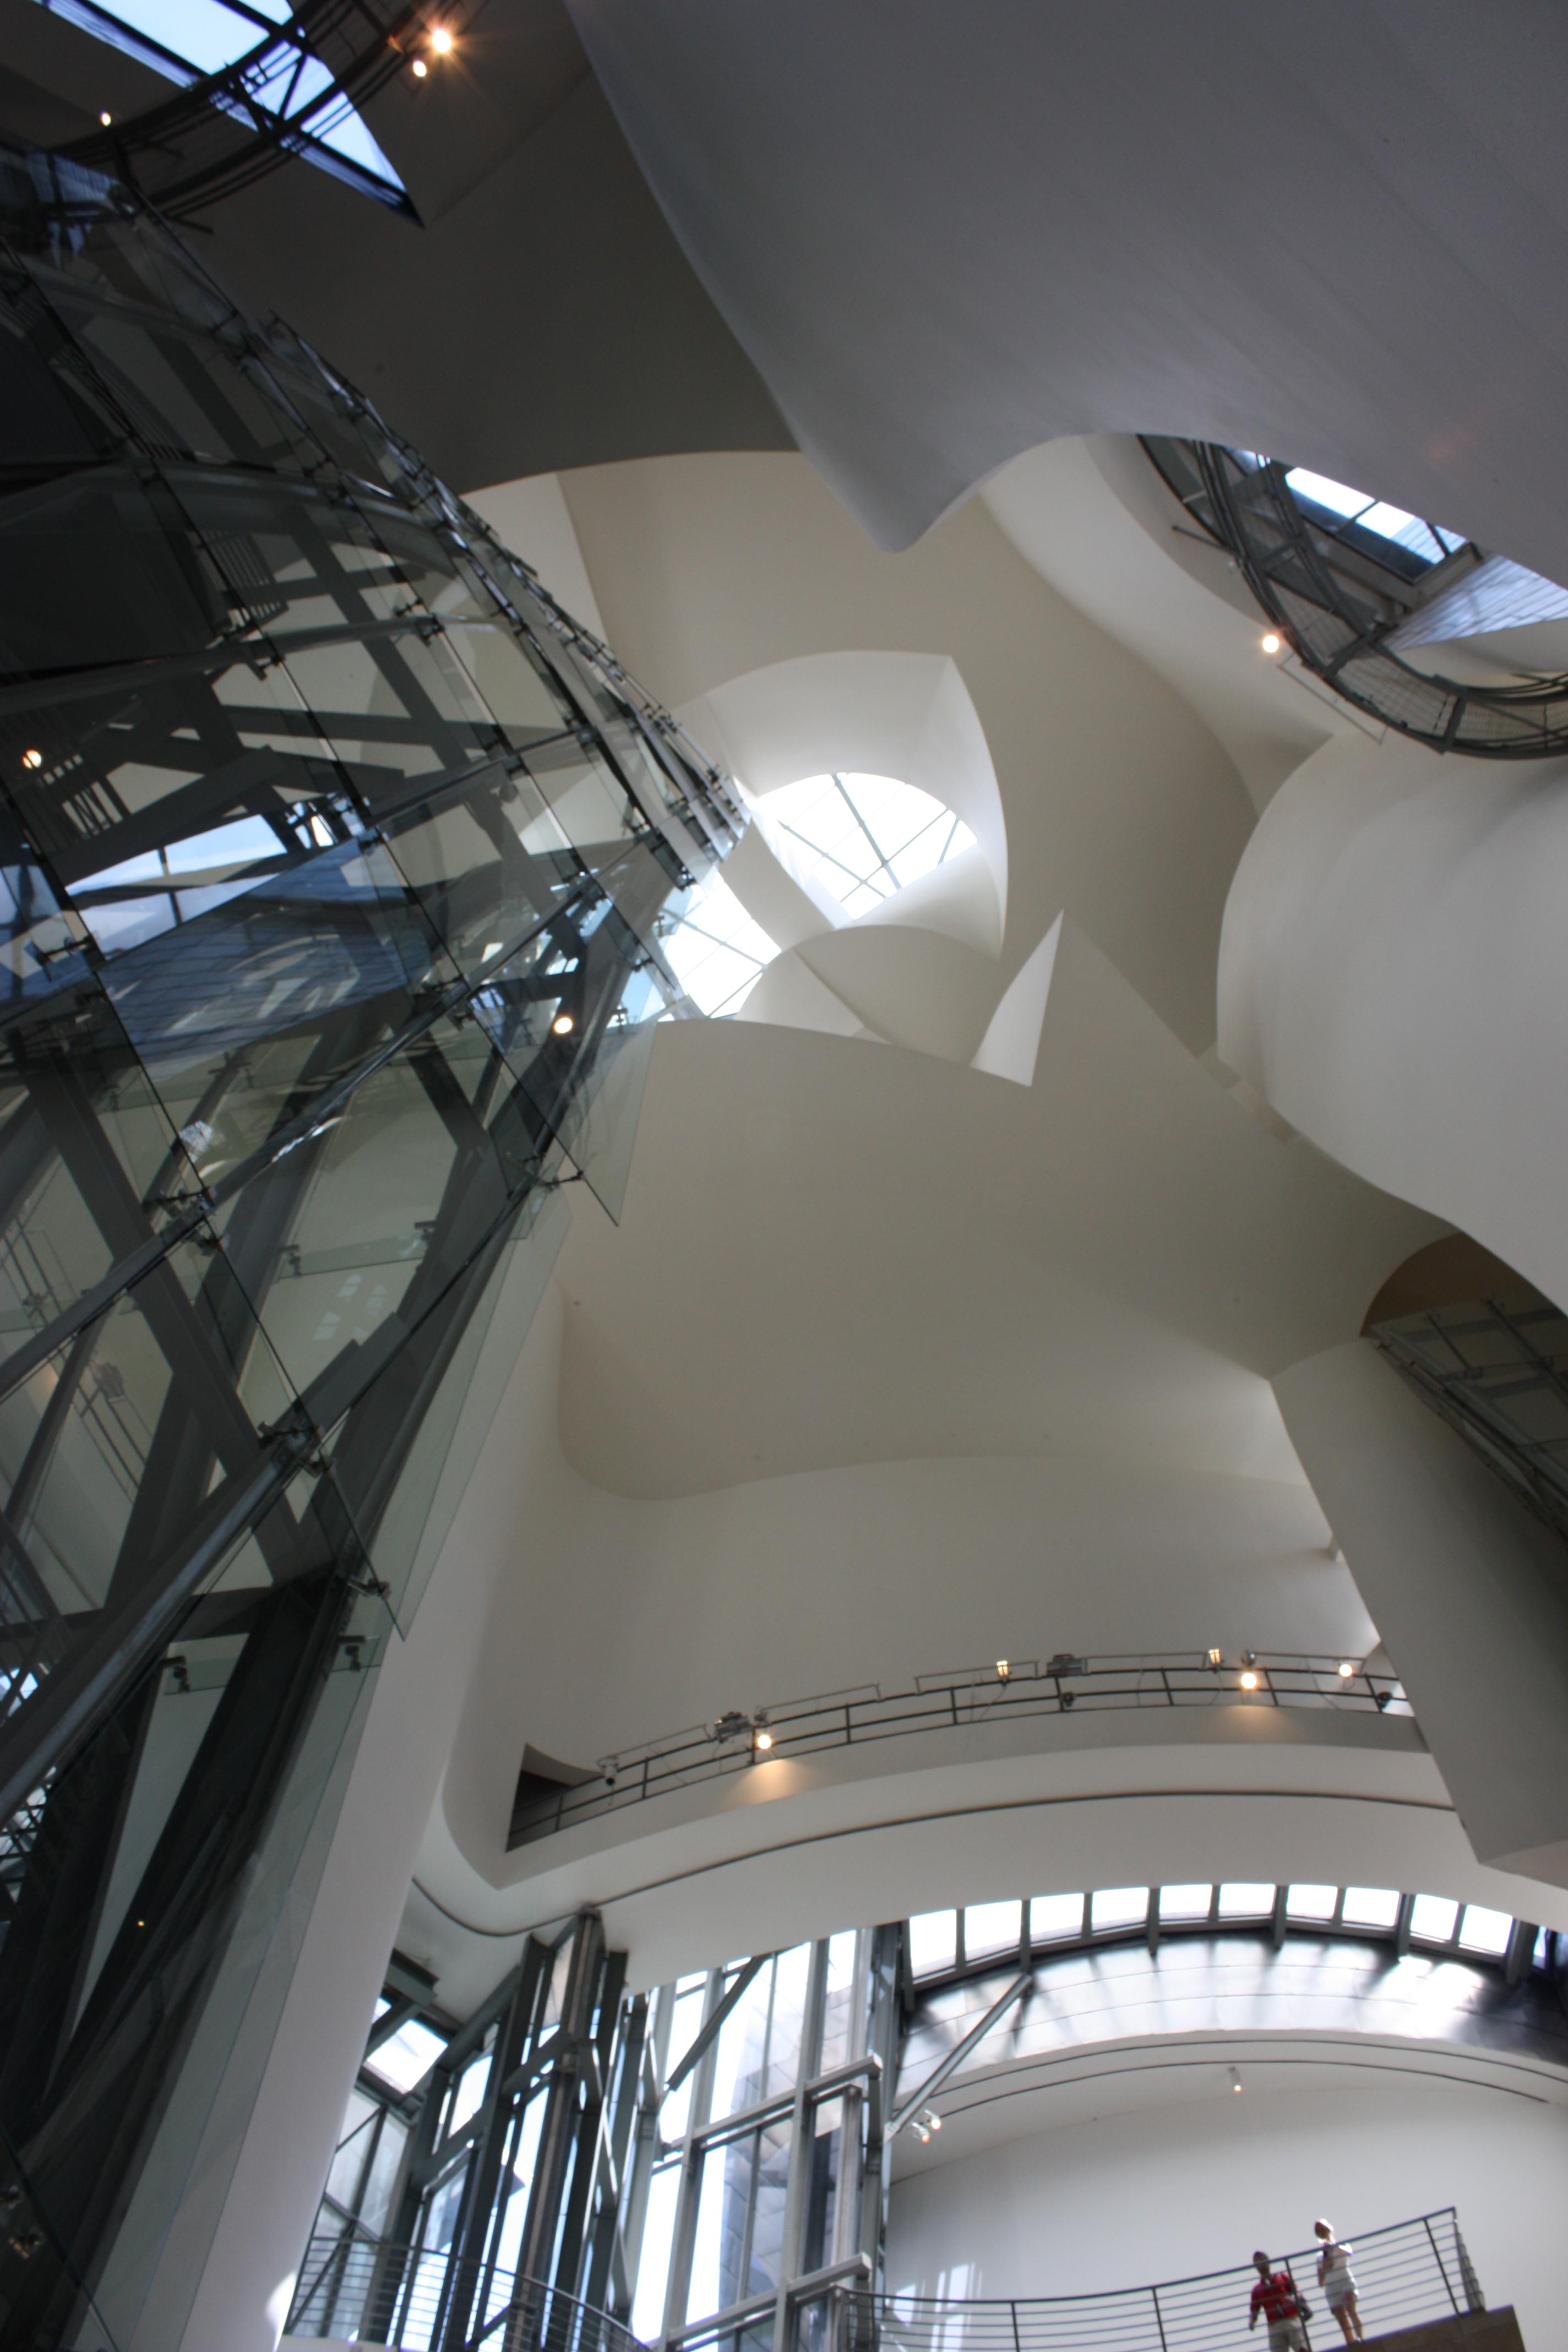 File Guggenheim Museum Interior Bilbao July 2010 03 Jpg Wikimedia Commons